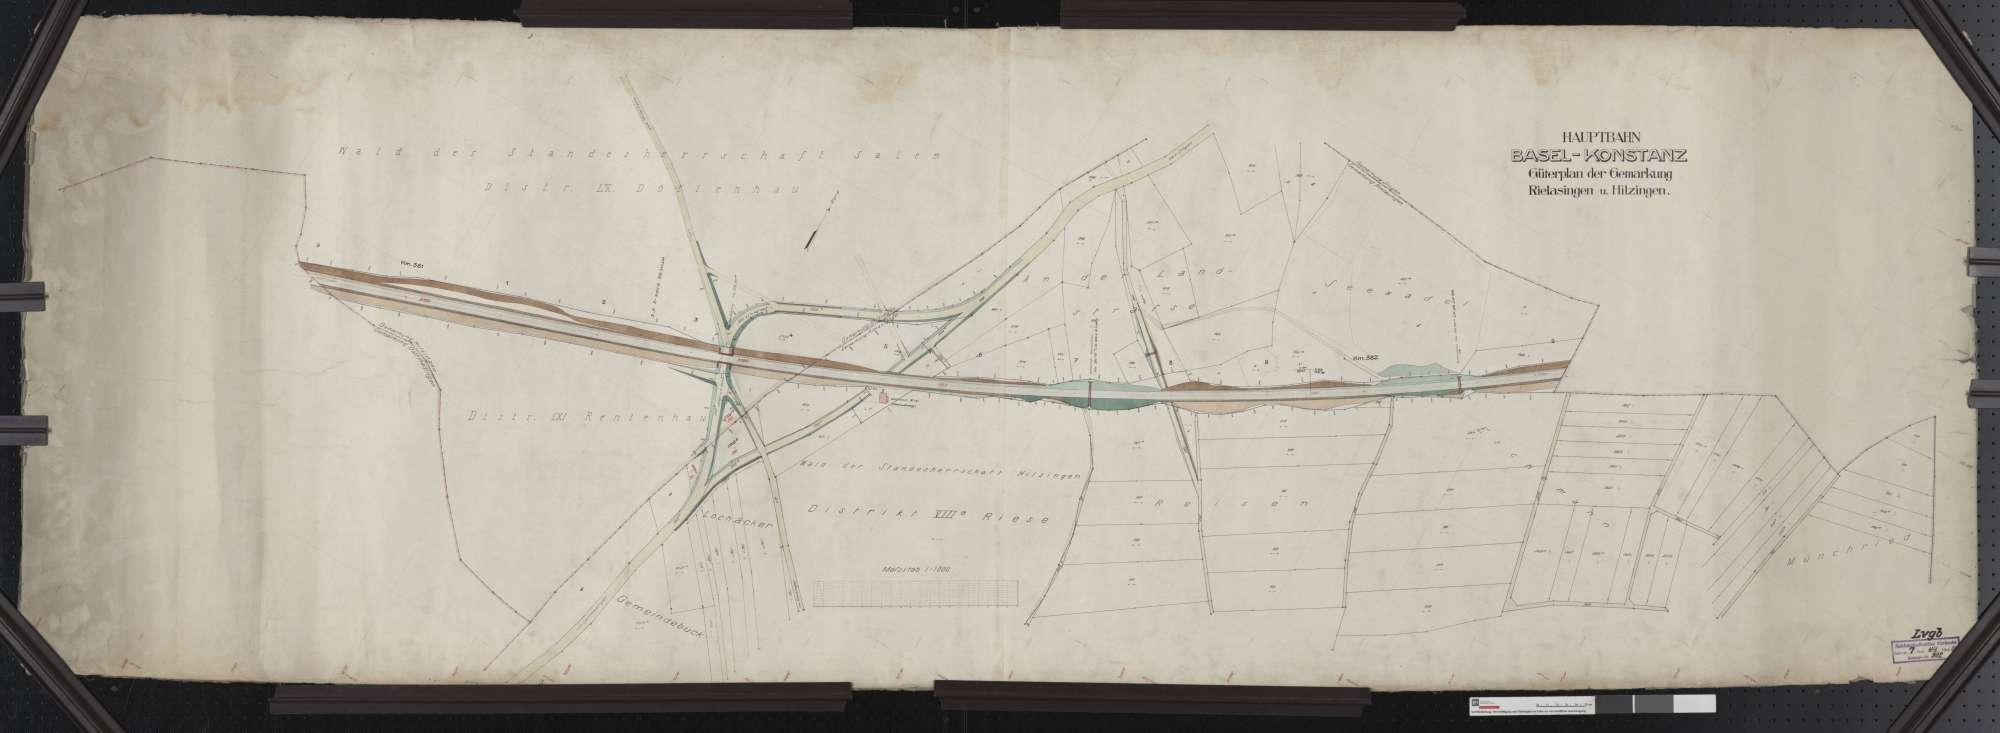 Güterplan der Hauptbahn von Basel bis Konstanz: Gemarkungen Hilzingen und Rielasingen Streckenausschnitt: 380,9 bis 382,2 km, Bild 1